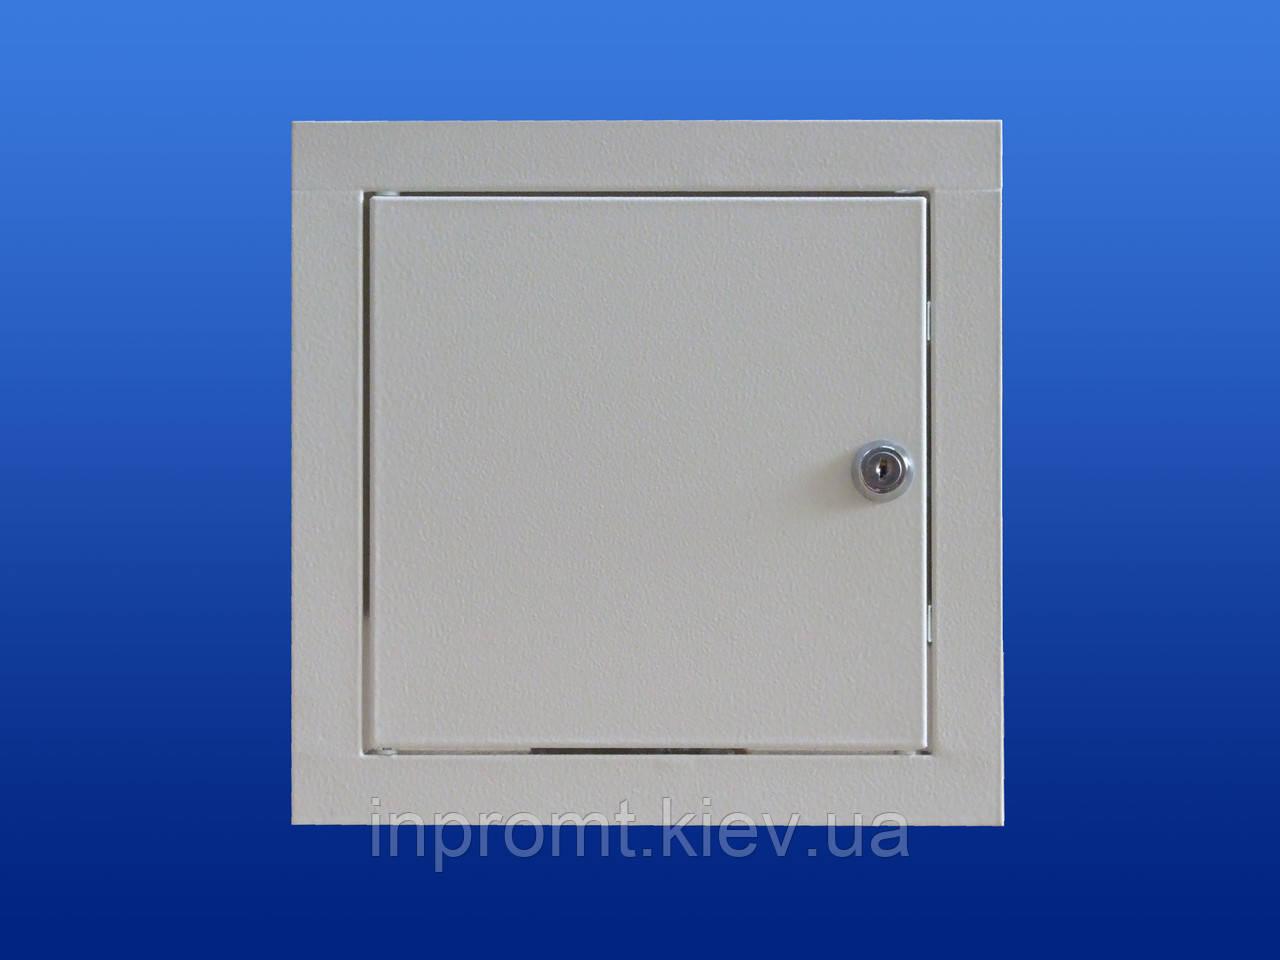 Дверь ревизионная RZD200*250*50